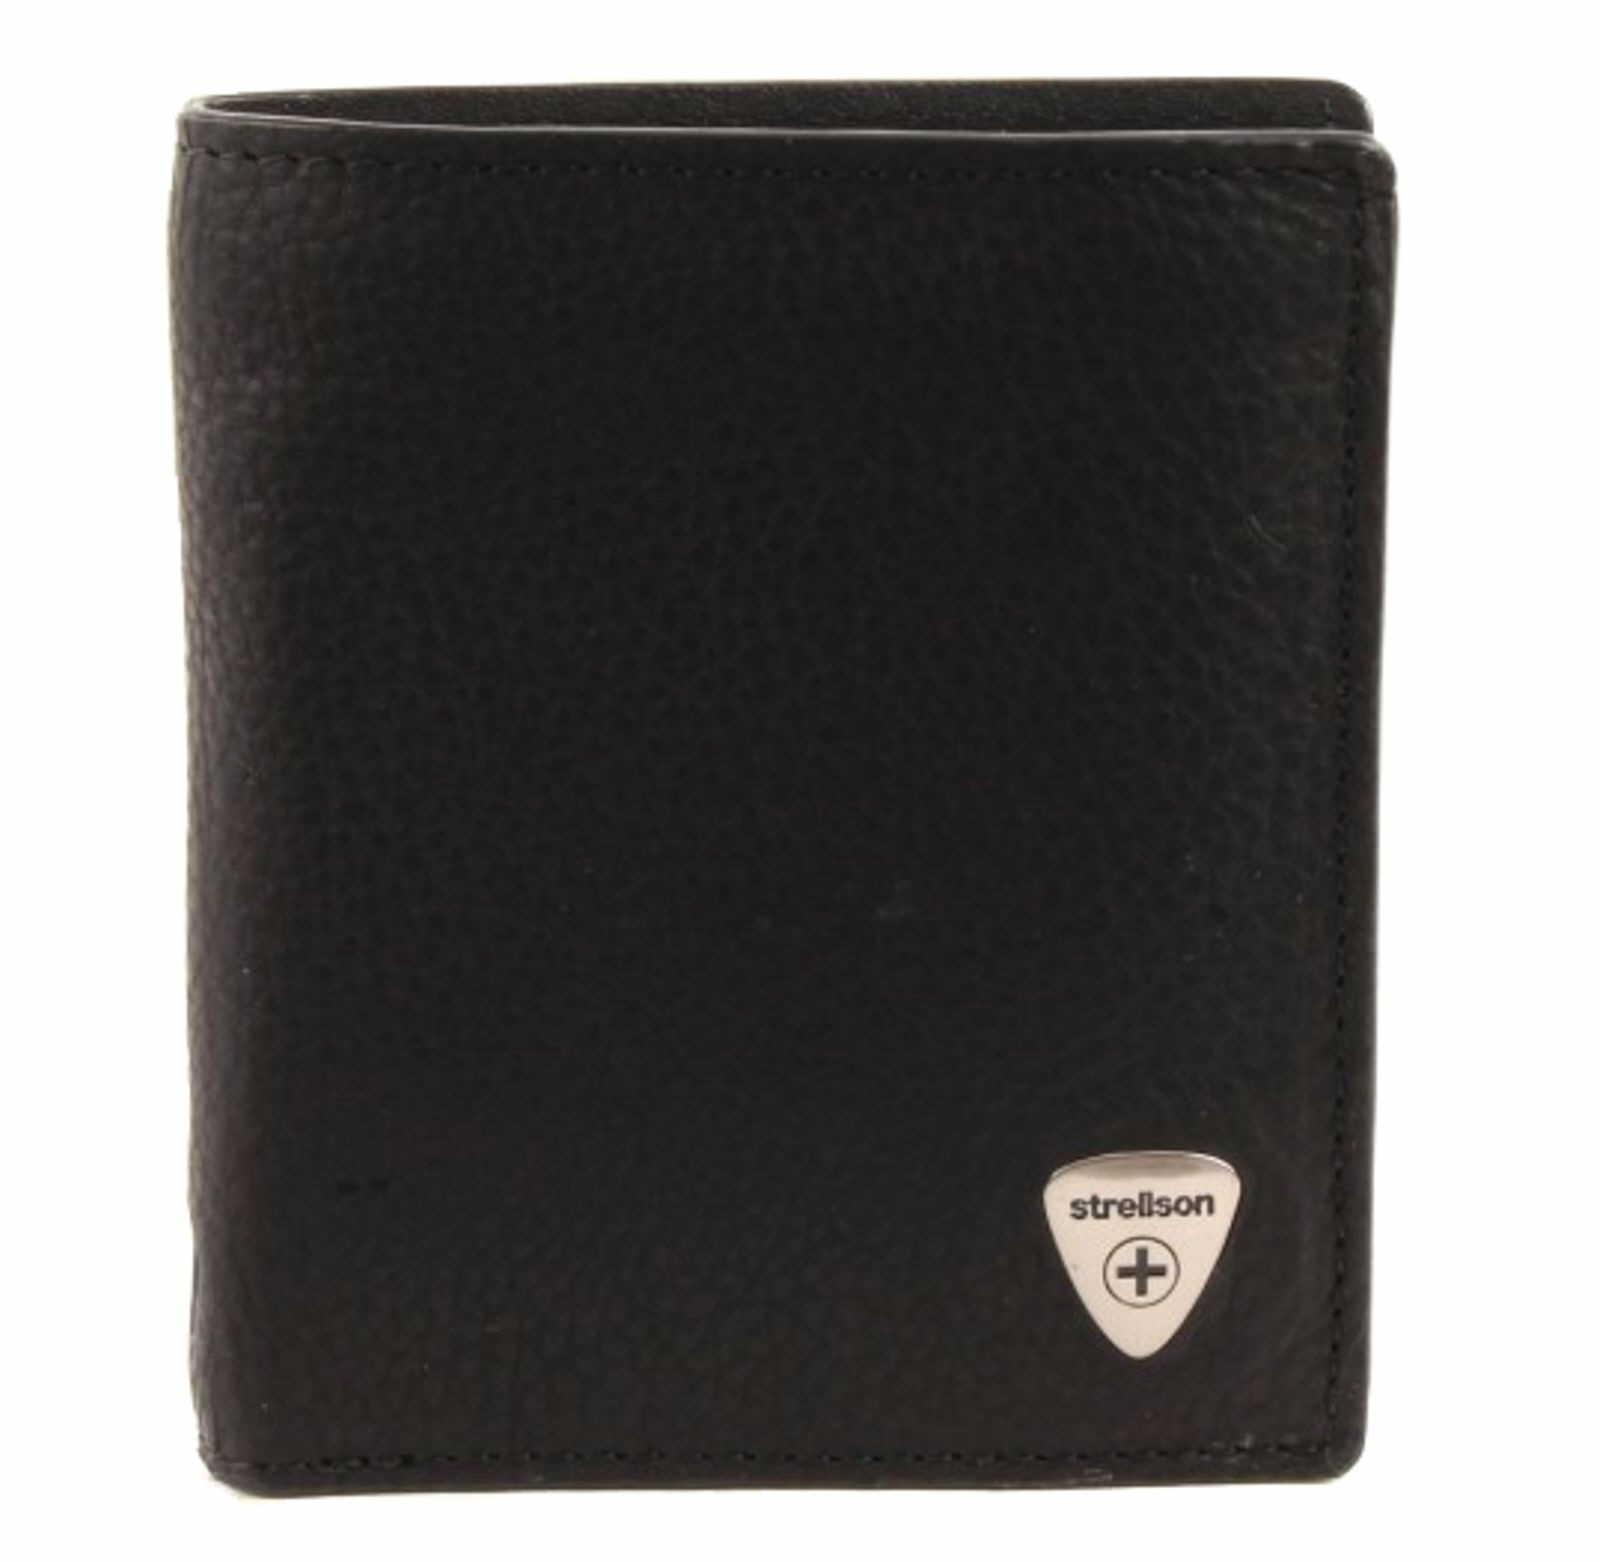 Strellson Geldbörsen & Etuis Taschen 4010001046 Schwarz RQgQ9